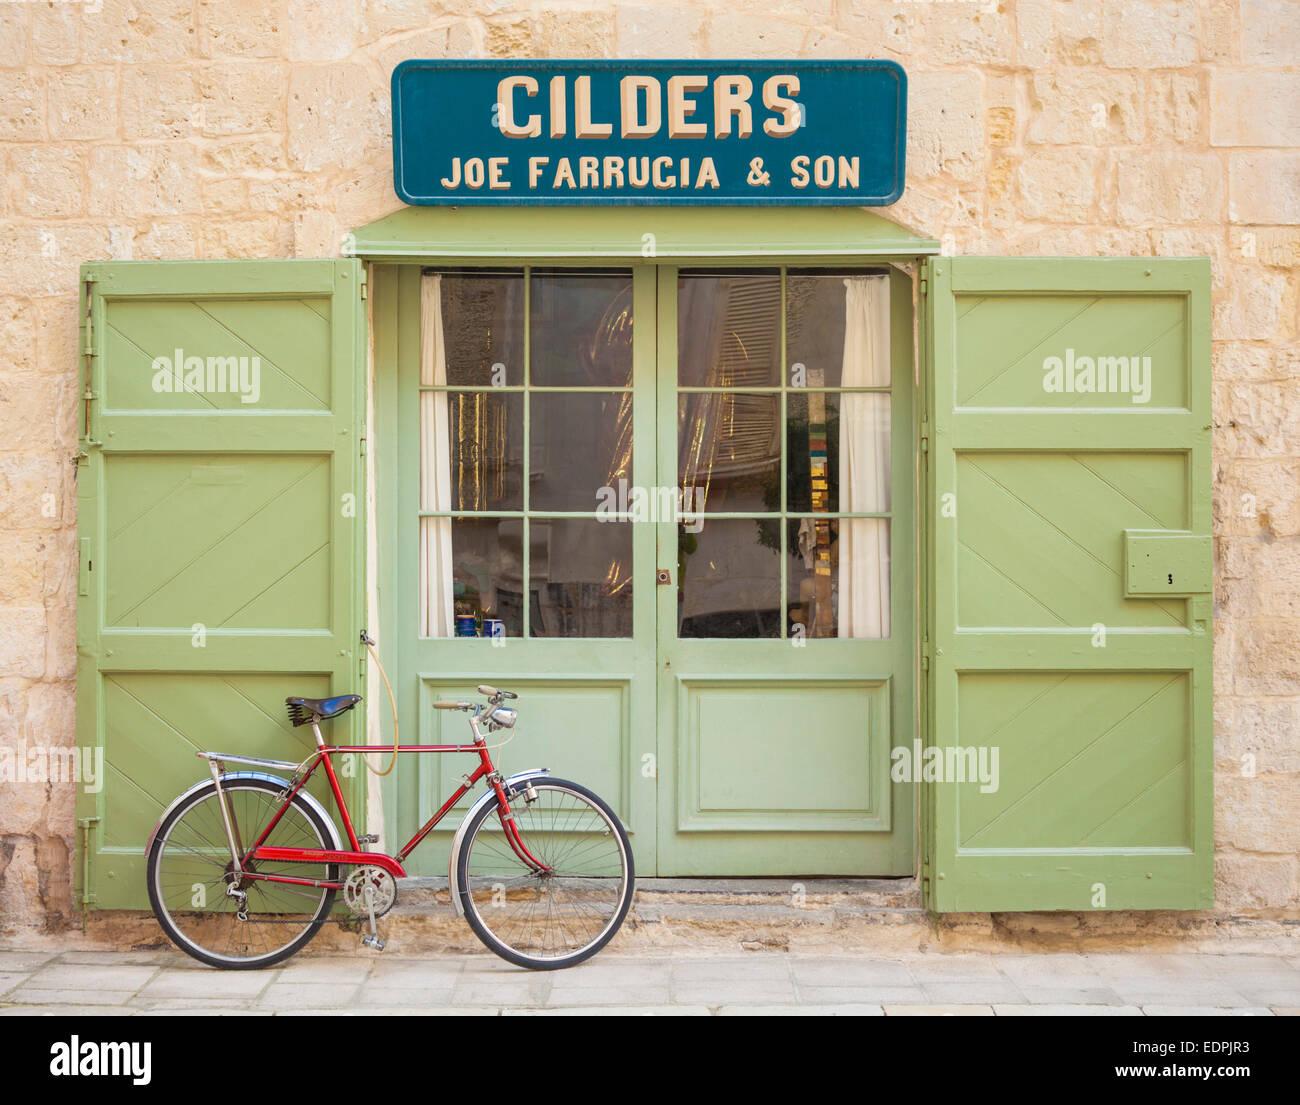 Retrò bicicletta rosso al di fuori di porte verdi della tradizionale doratori shop Mdina Malta EU Europe Immagini Stock